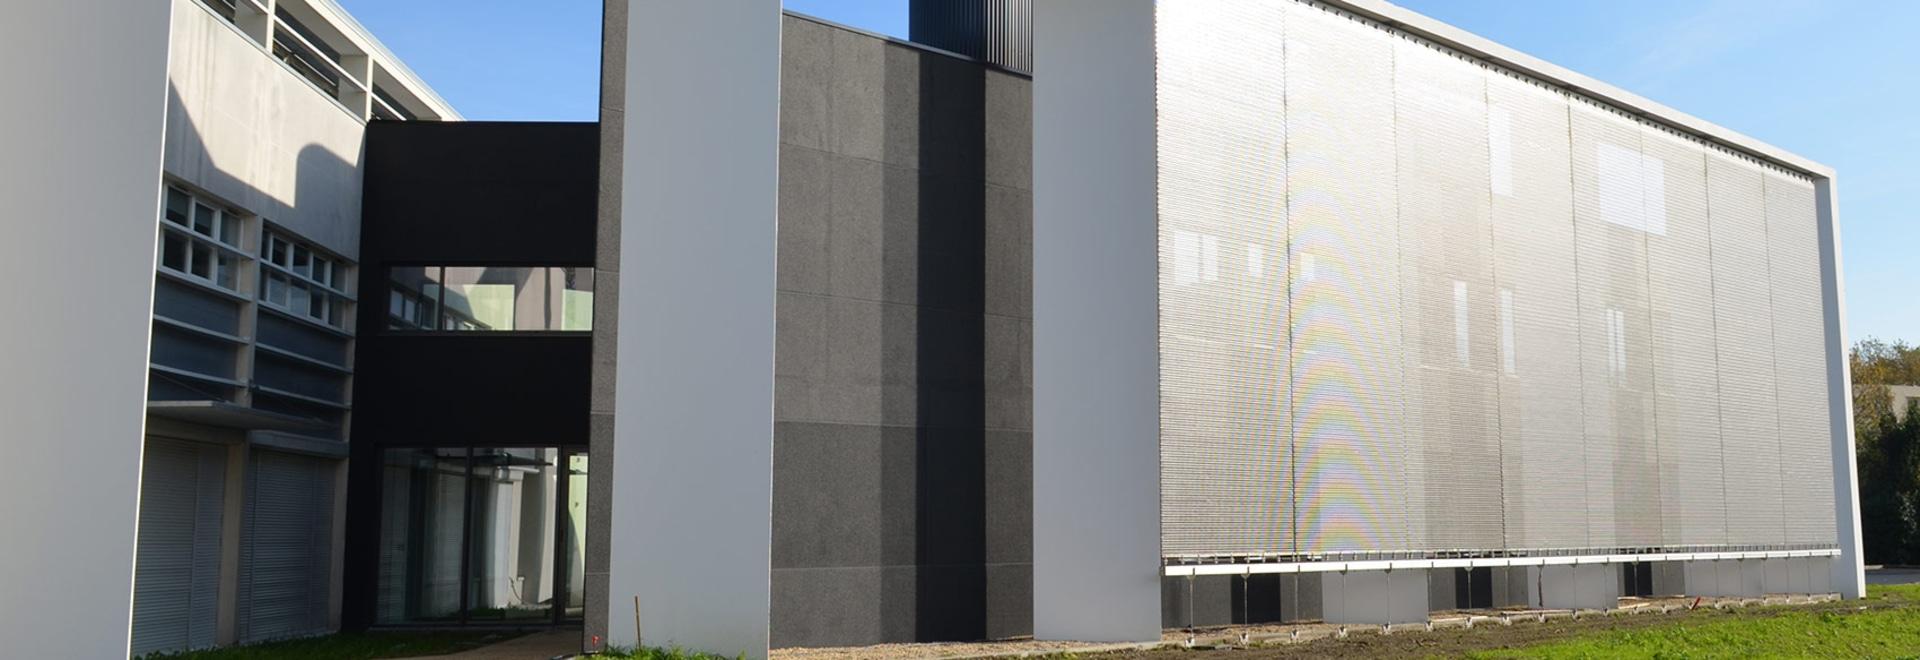 CCI (Chambre de Commerce et d'Industrie) – La Rochelle (France)